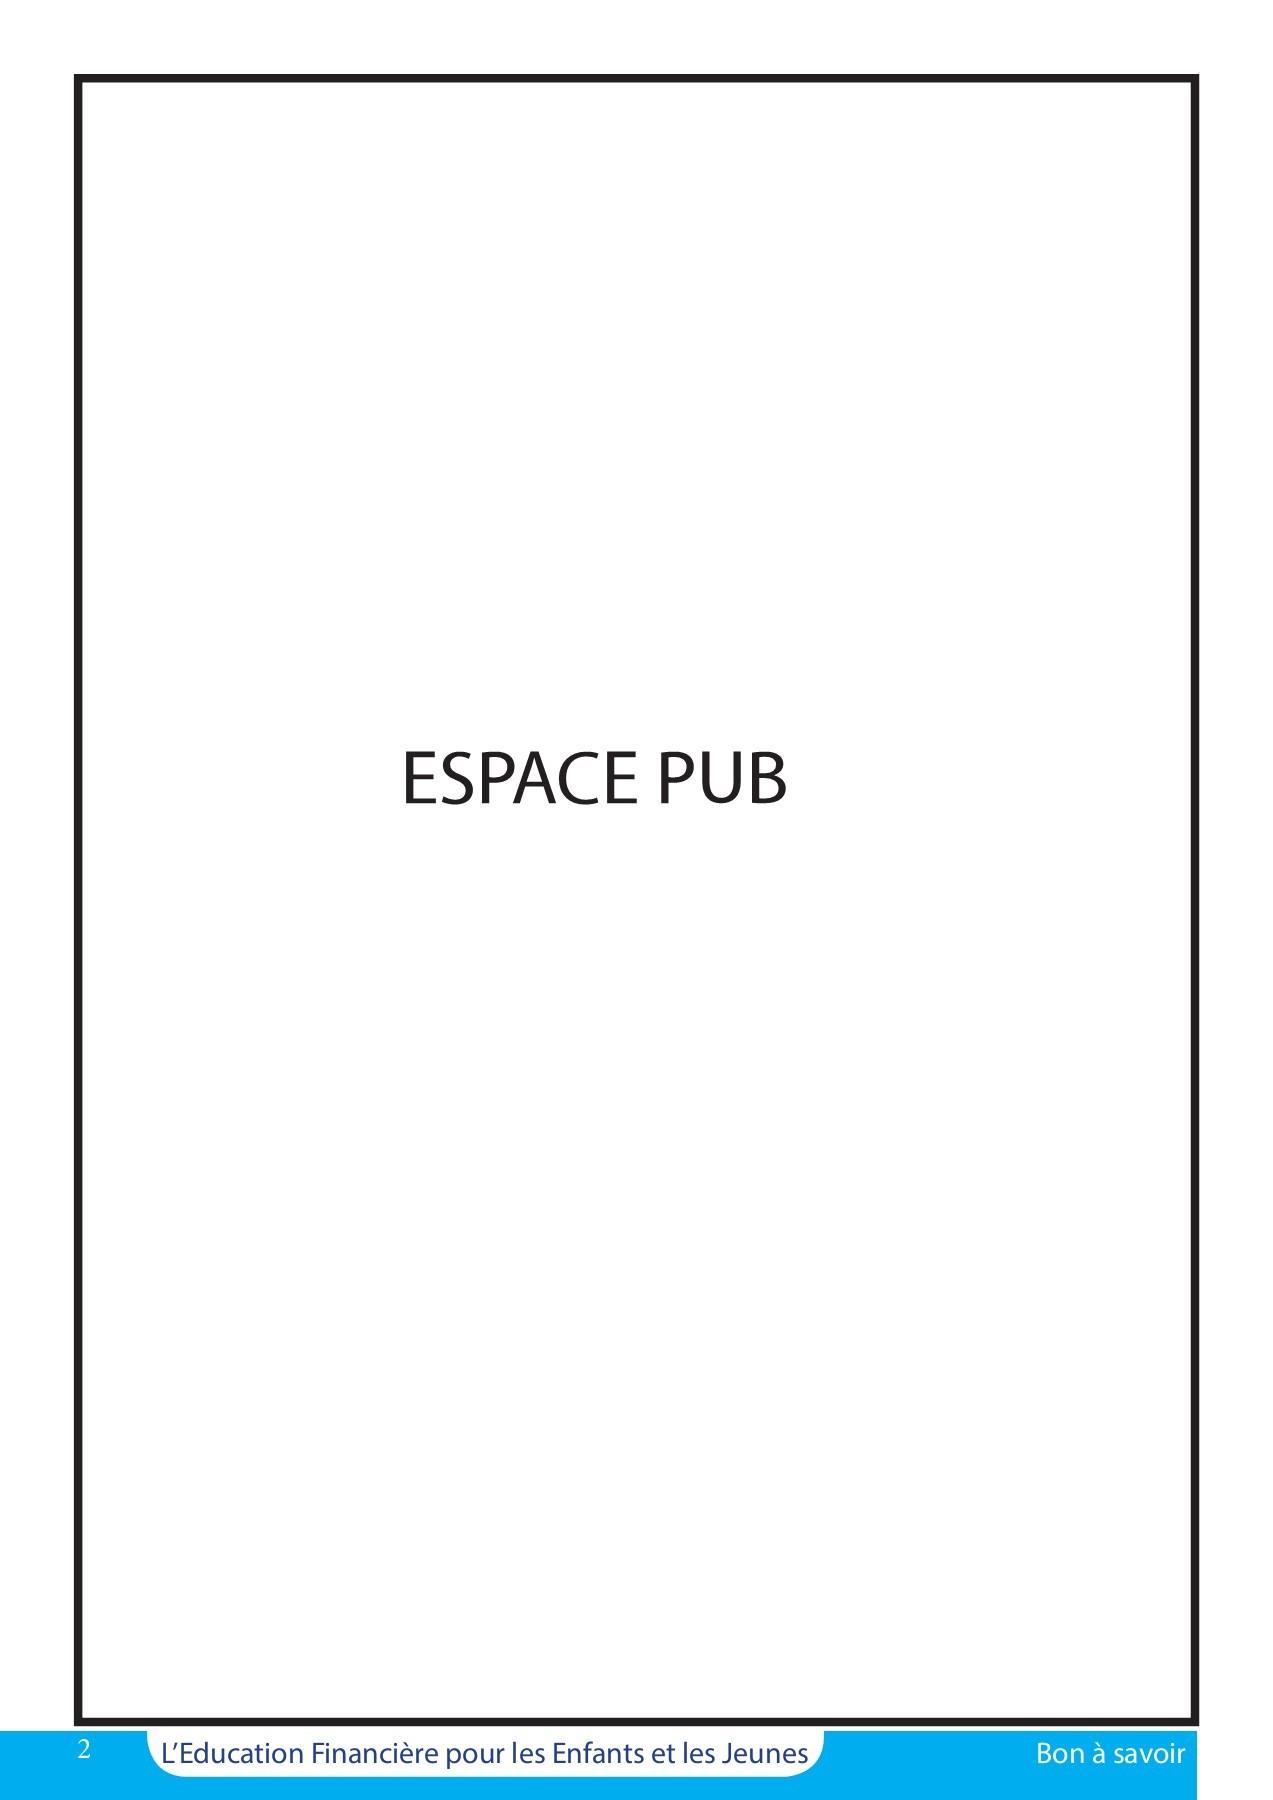 Jeux Mots Croisés Pages 1 - 36 - Text Version | Fliphtml5 destiné Jeux De Mots Pour Enfants